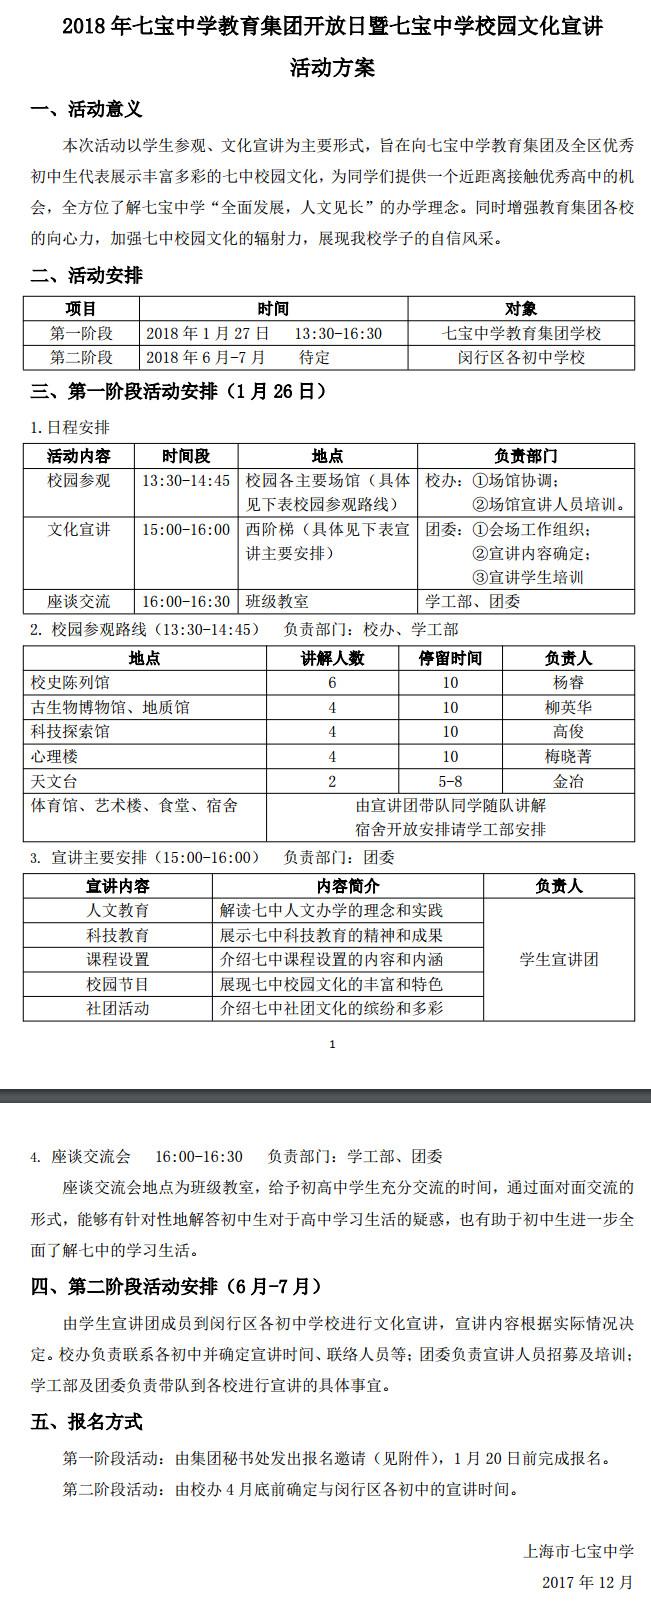 2018上海七宝中学教育集团校园开放日活动详情公布